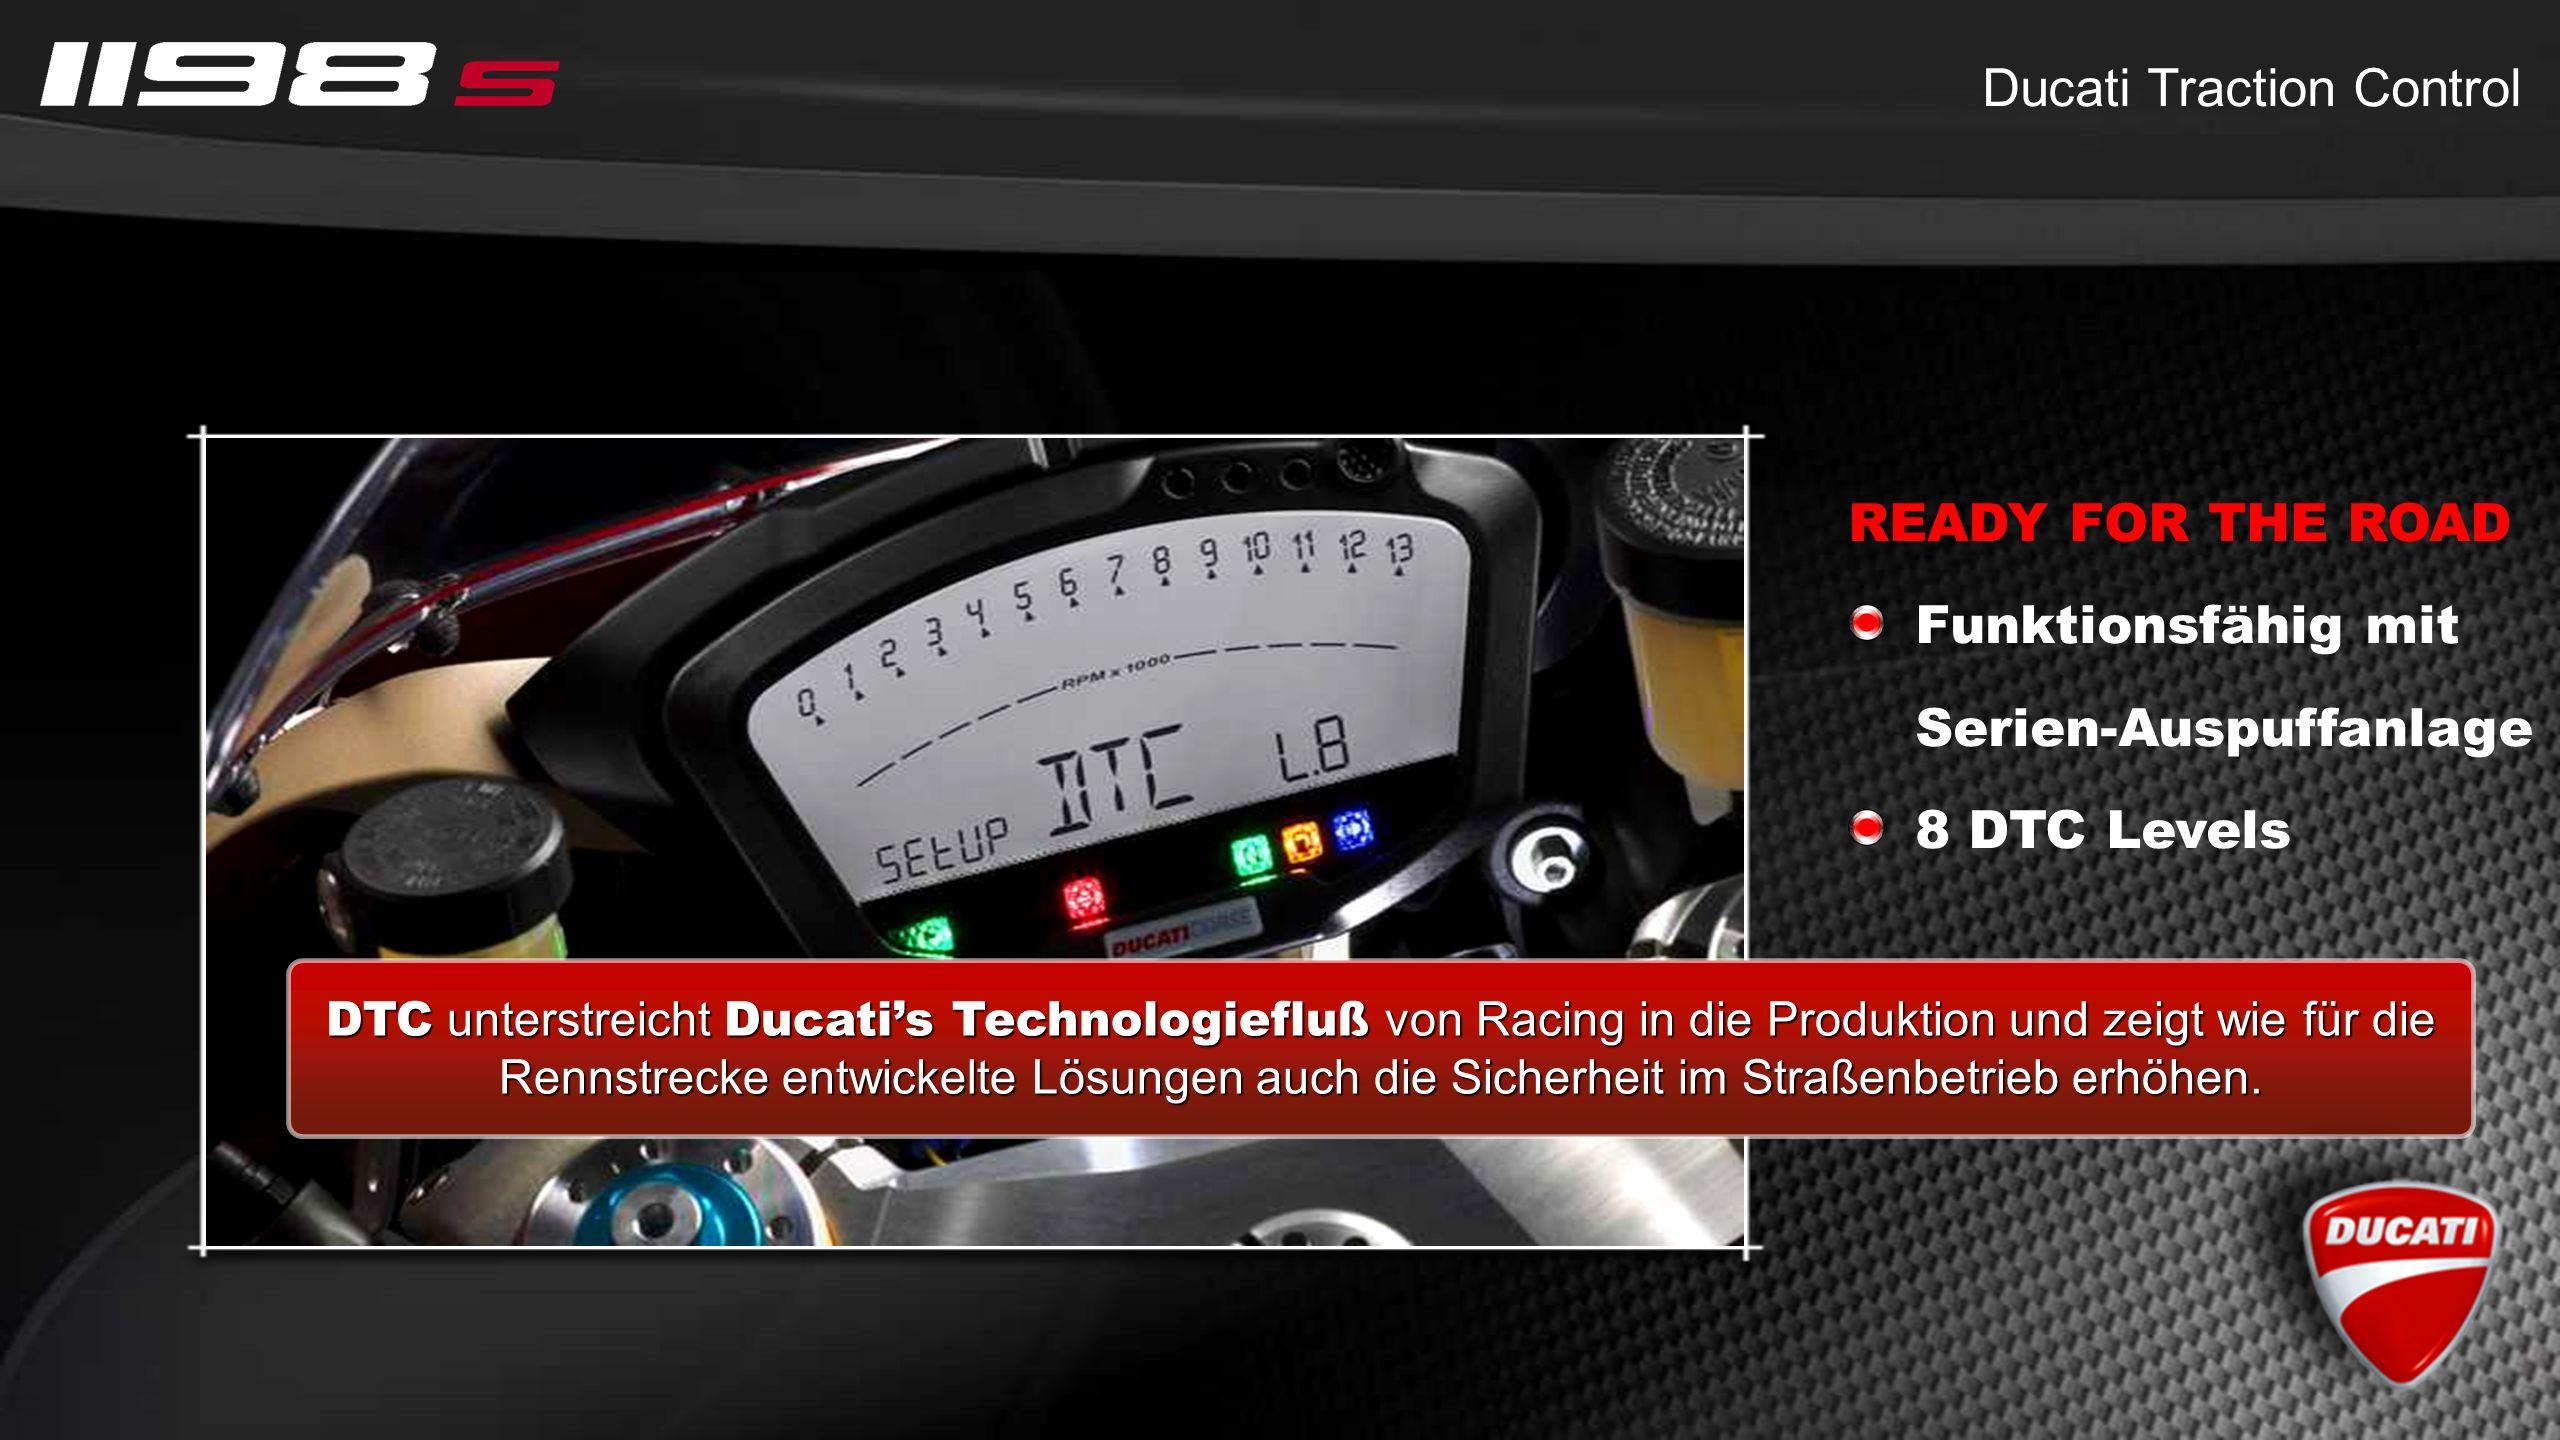 Ducati Traction Control DTC unterstreicht Ducatis Technologiefluß von Racing in die Produktion und zeigt wie für die Rennstrecke entwickelte Lösungen auch die Sicherheit im Straßenbetrieb erhöhen.